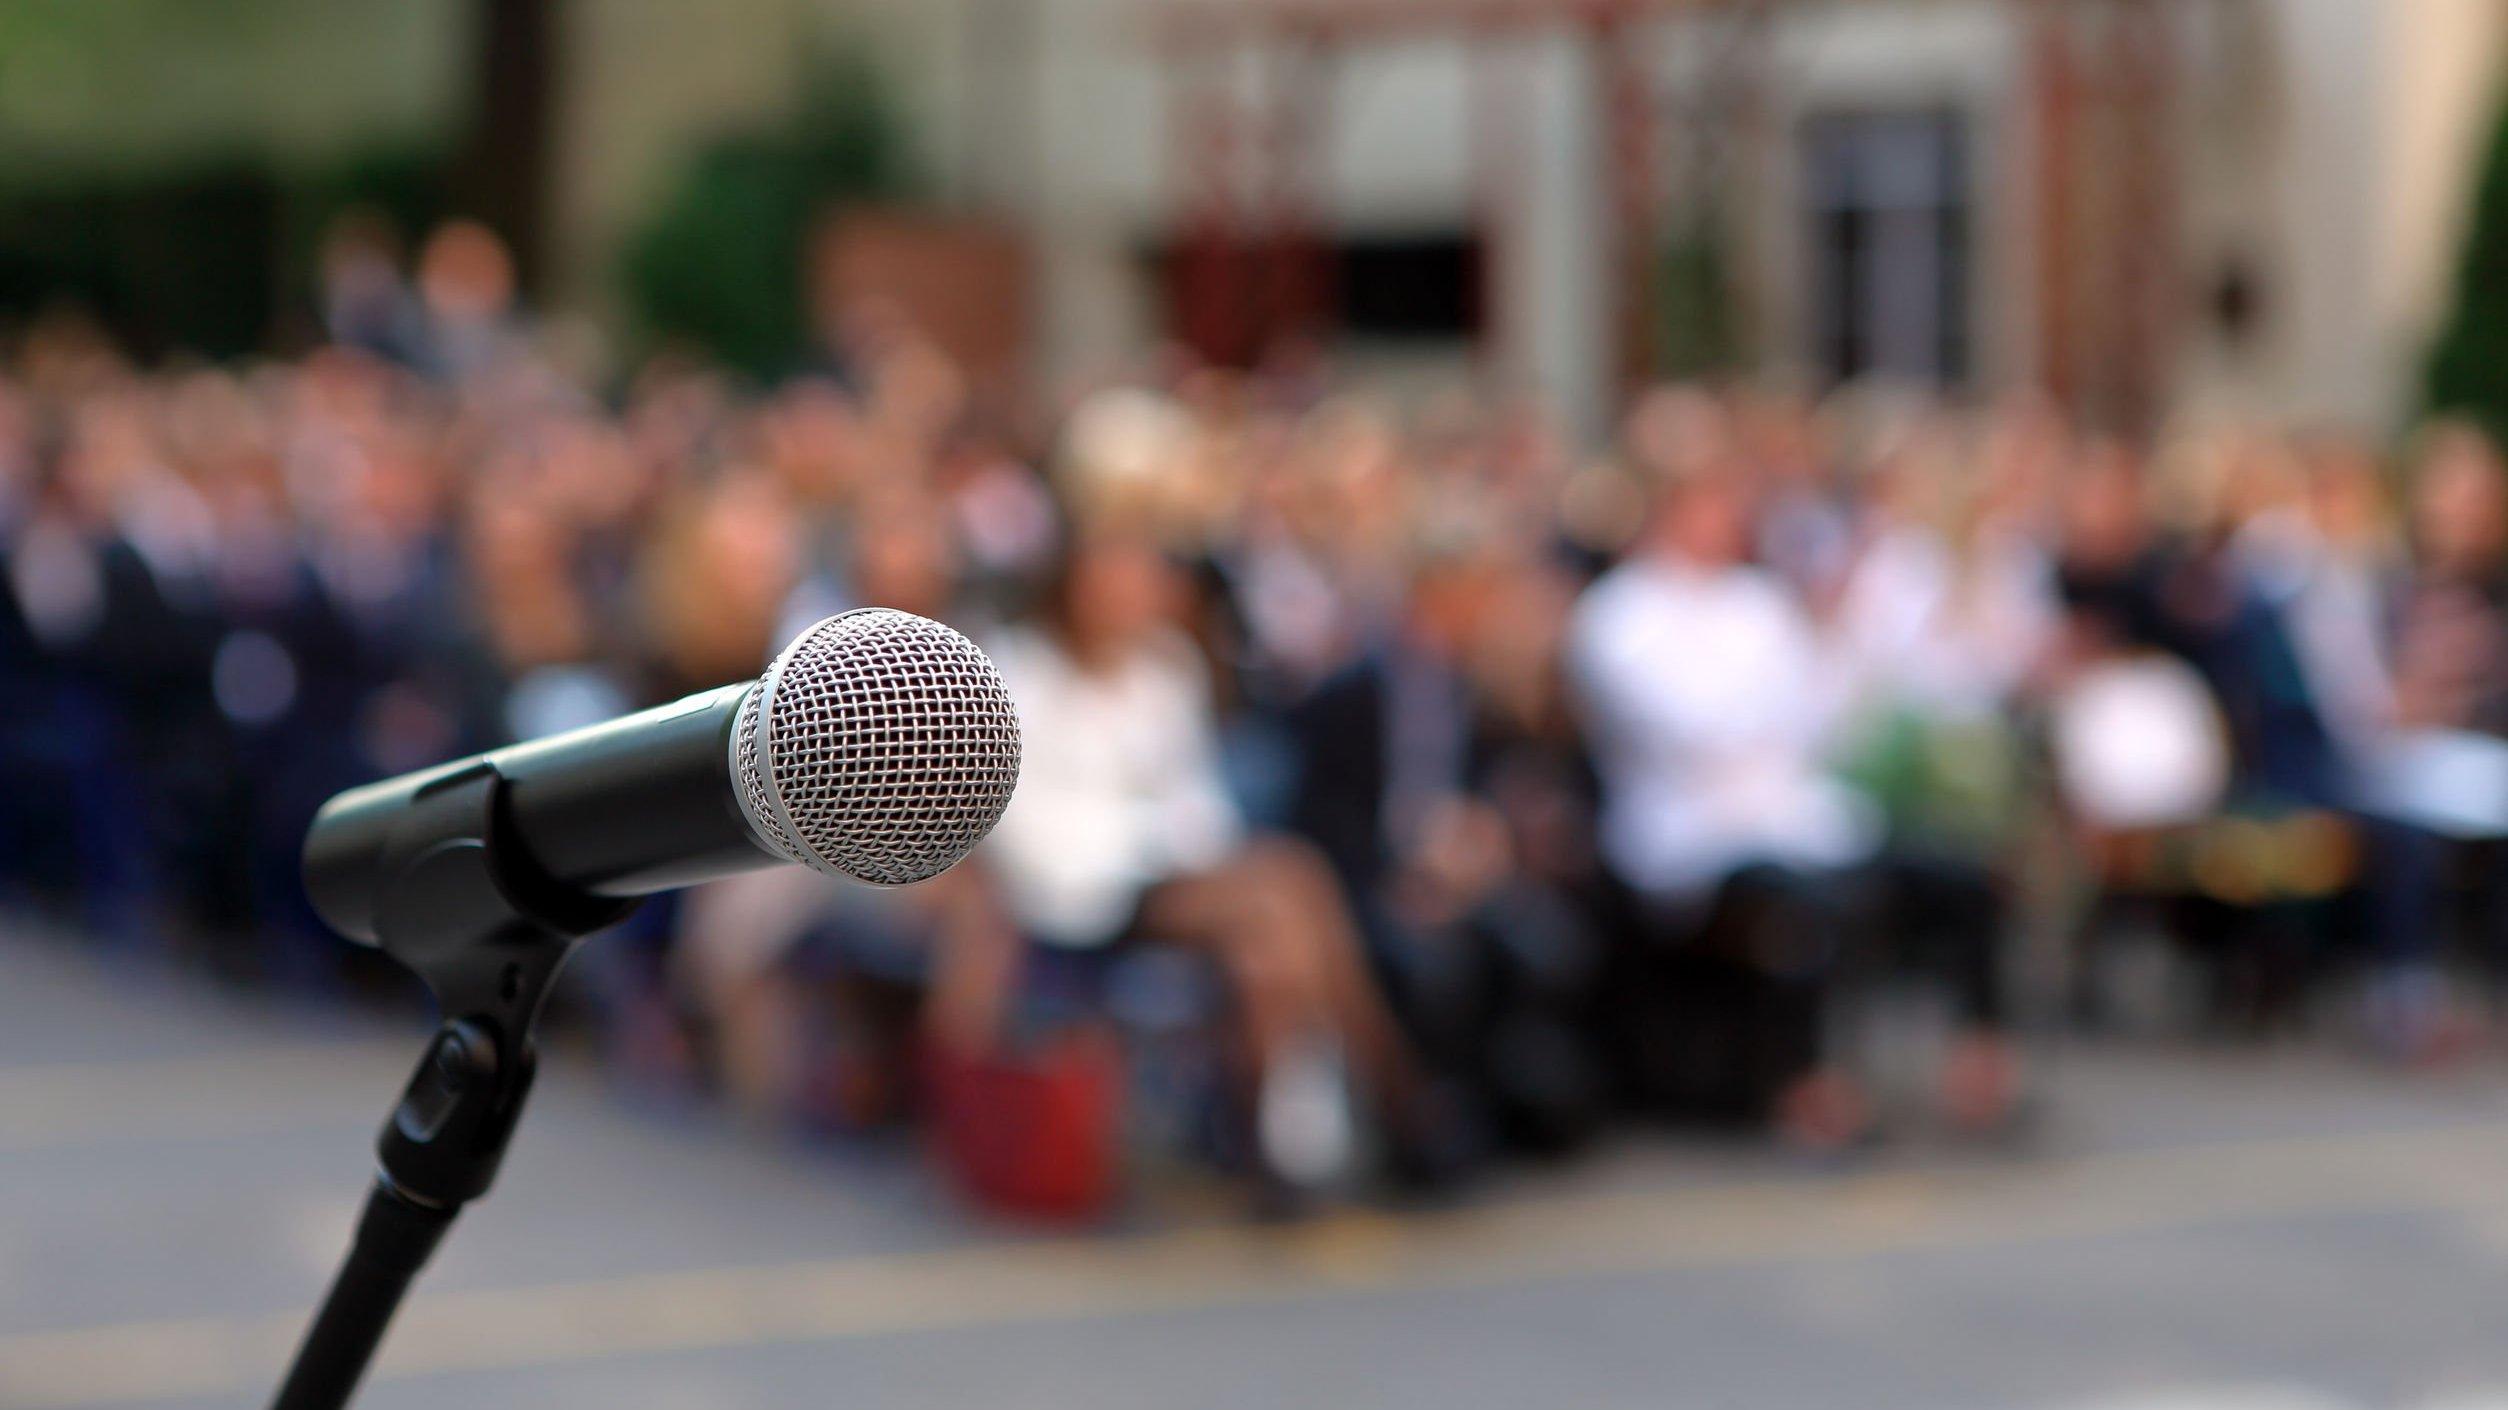 Microfone e plateia ao fundo, aguardando discurso.